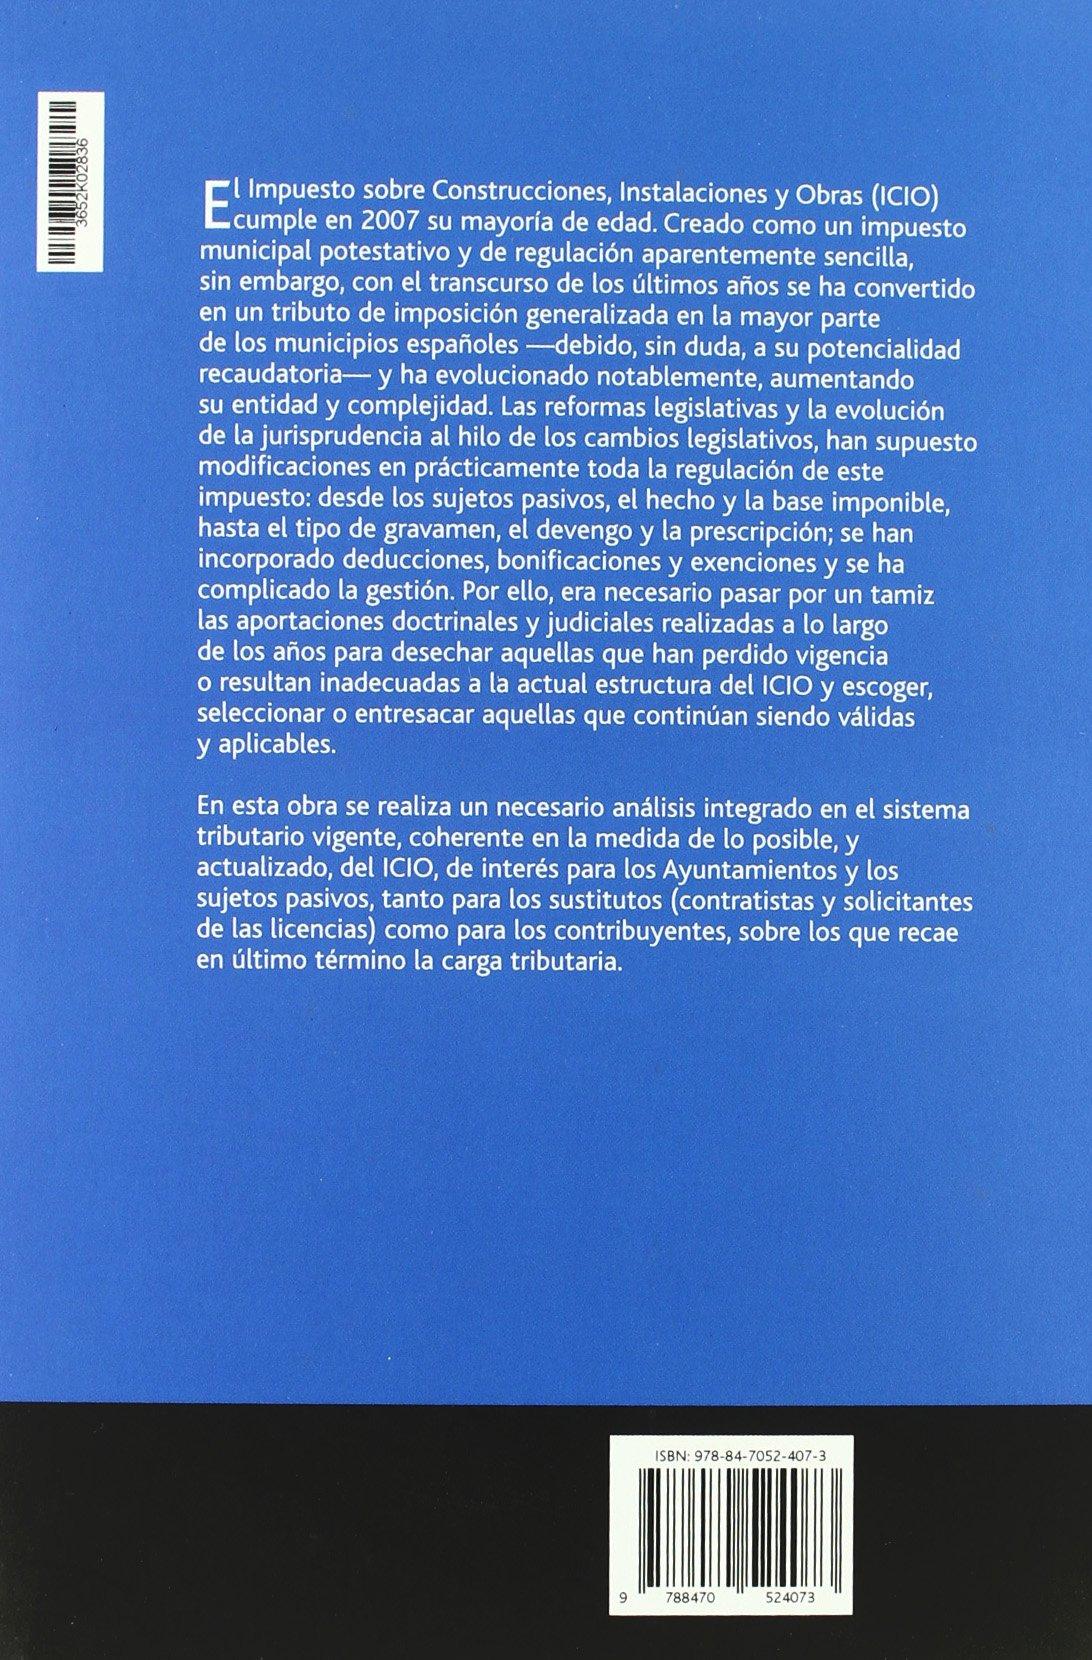 El impuesto sobre construcciones, instalaciones y obras: la mayoría de edad de ICIO: Amazon.es: Teresa Calvo Sales: Libros